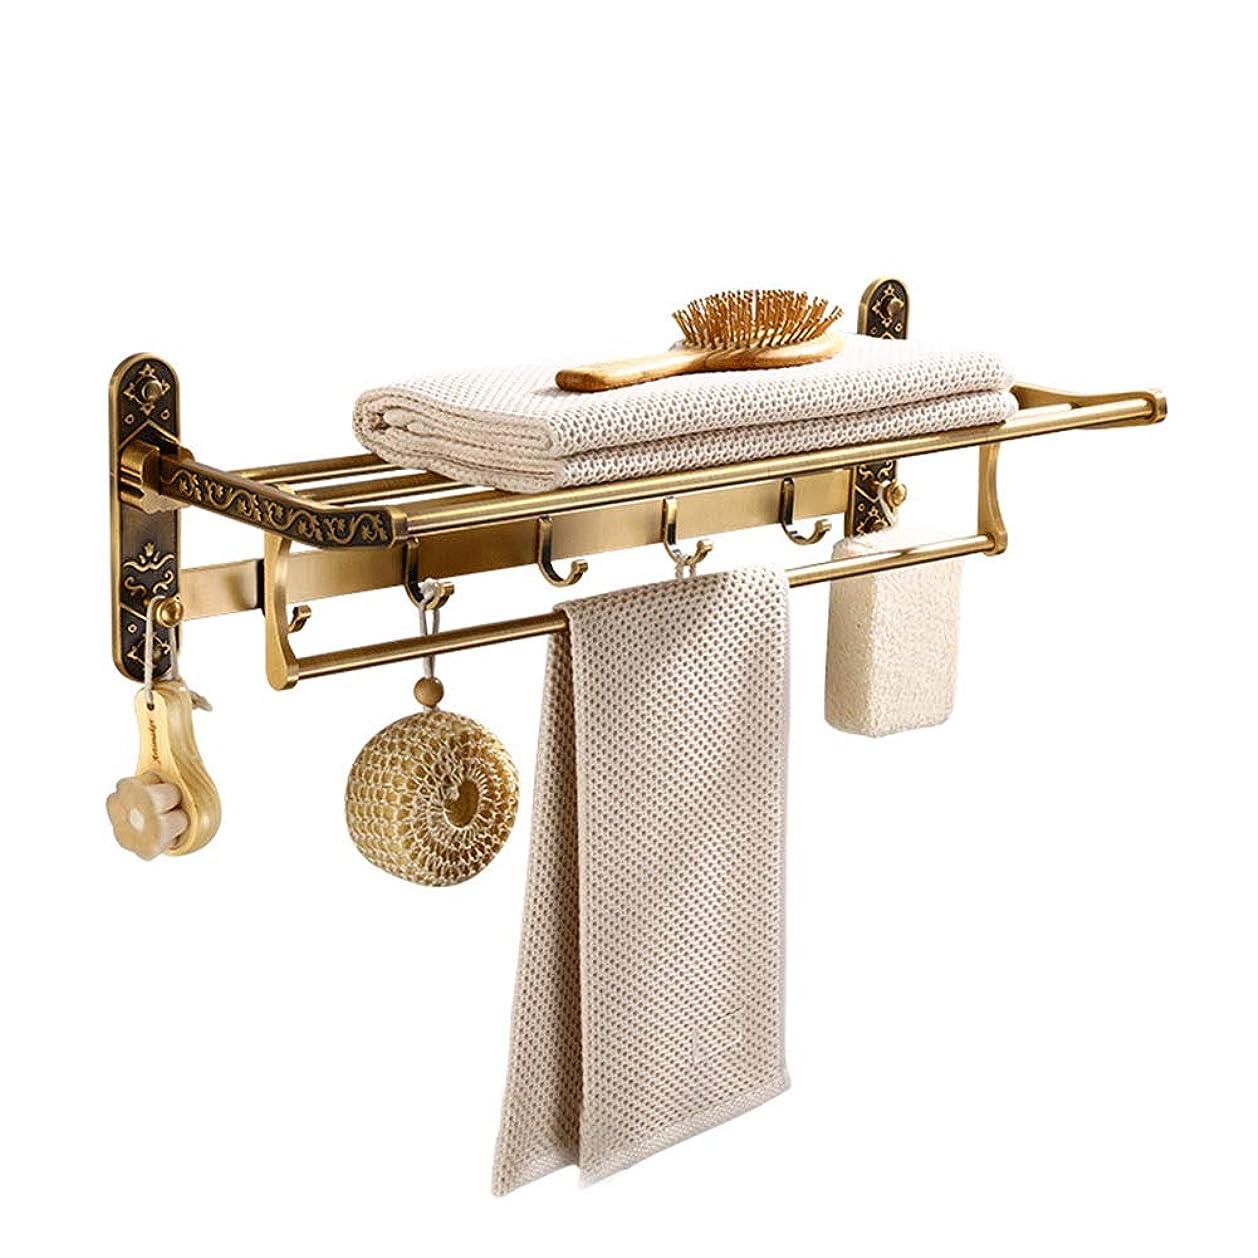 普通に飲料気がついてバスルームシェルフ, レールウォールマウント付き 浴室の棚 スペースアルミニウム 調整可能 収納ラック レトロ タオル掛け さびない 刻まれた バスルームに適しています(60×24.5×18.5cm)